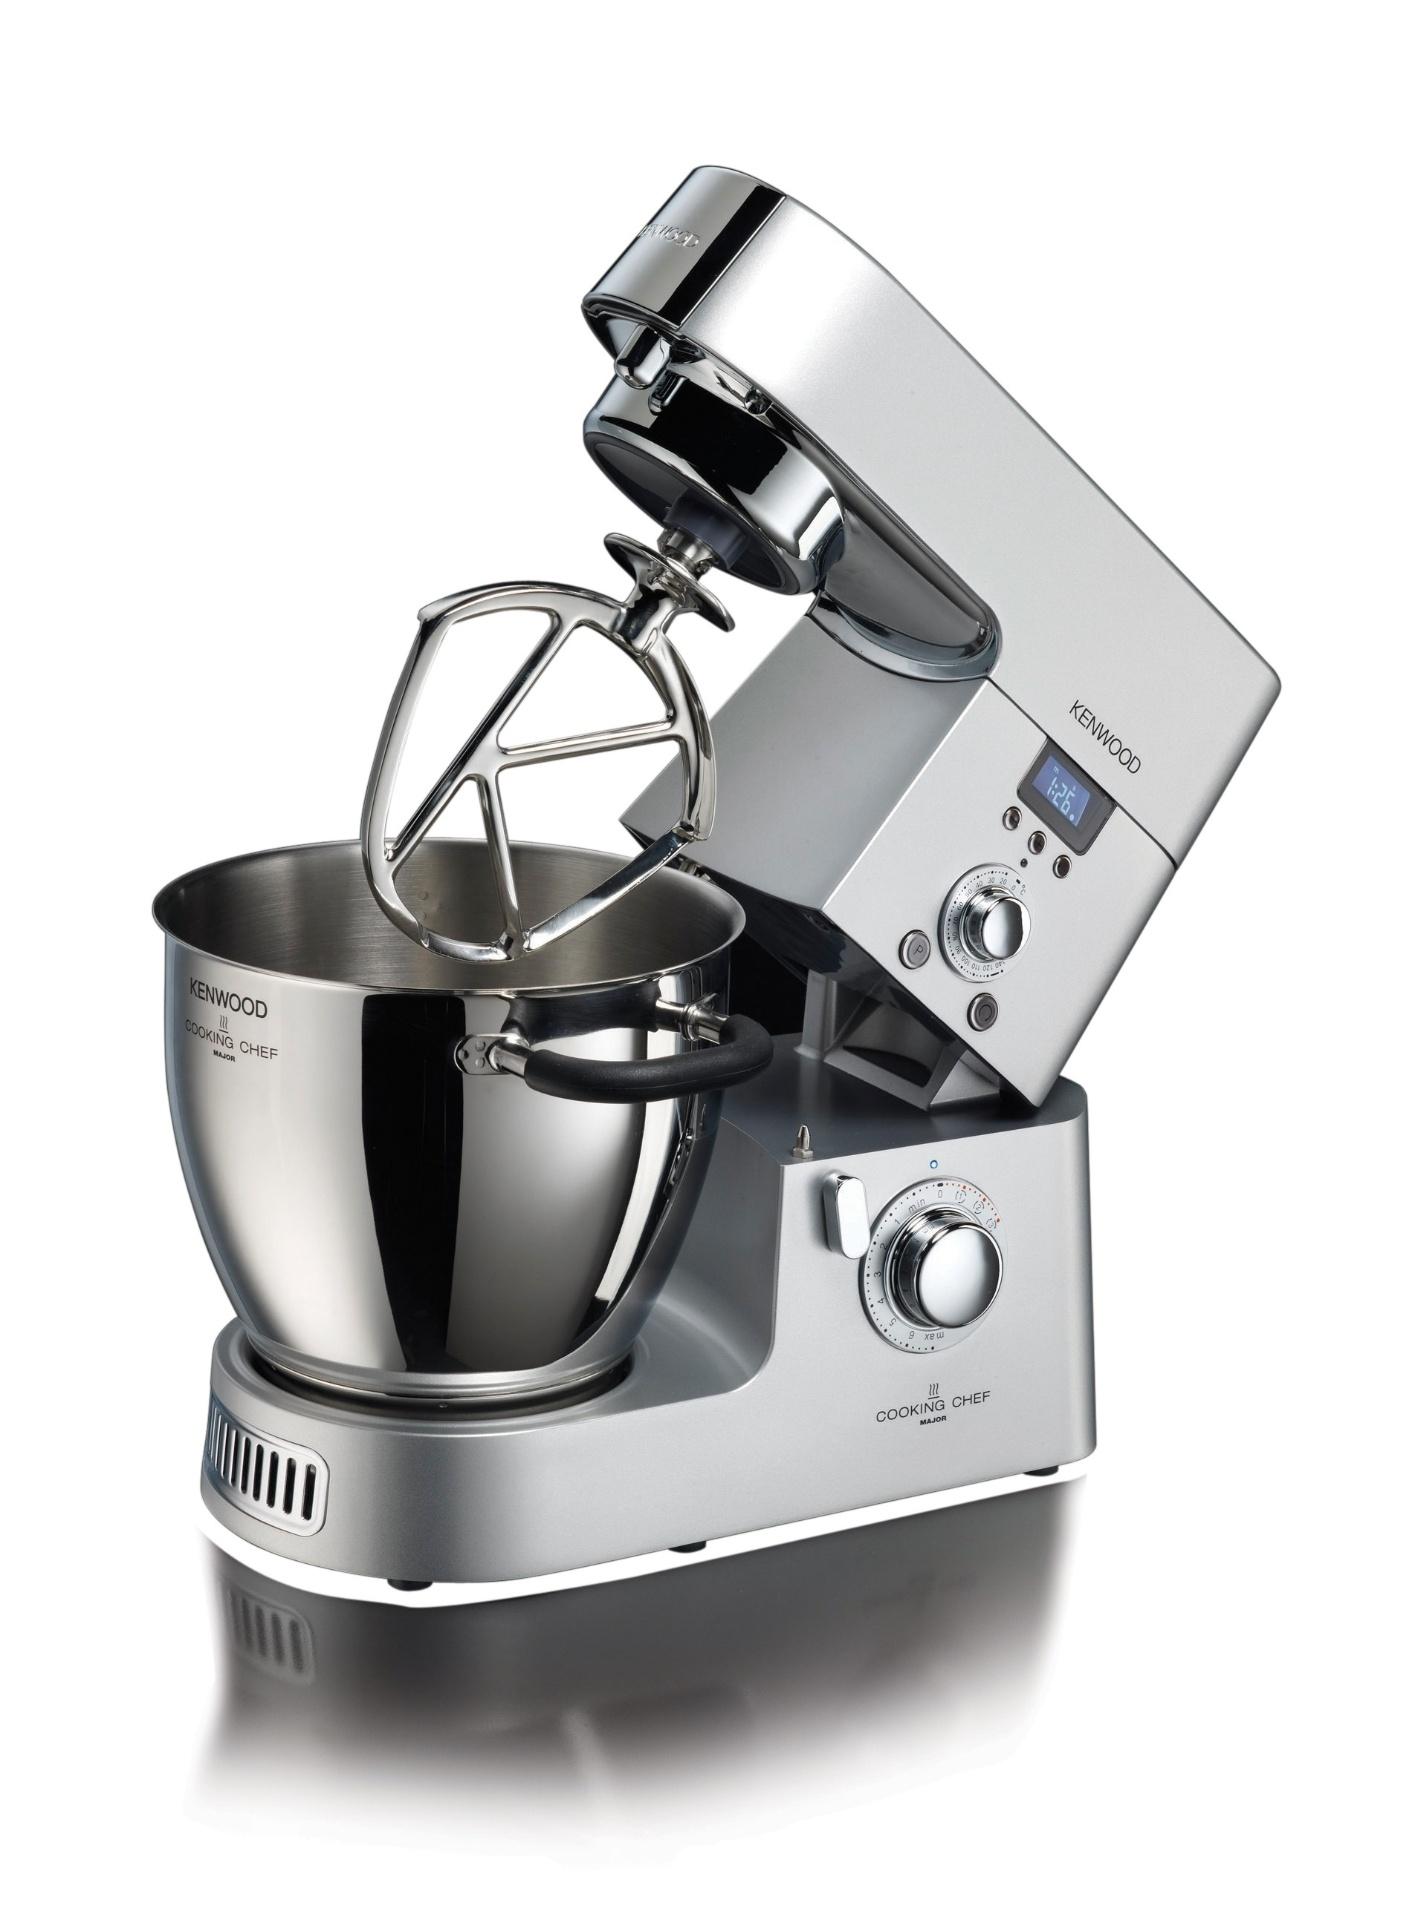 A máquina de cozinha Cooking Chef, da Kenwood (www.kenwoodworld.com), possui um sistema de indução que permite cozinhar pratos a temperaturas que variam de 20ºC a 140ºC. O produto inclui um multiprocessador com seis lâminas, um liquidificador com copo de vidro, cinco batedores em aço inox, um cesto de cozimento a vapor e uma tigela com capacidade para 6,7 l. O valor sugerido é R$ 6.999 I Preços pesquisados em julho de 2014 e sujeitos a alterações